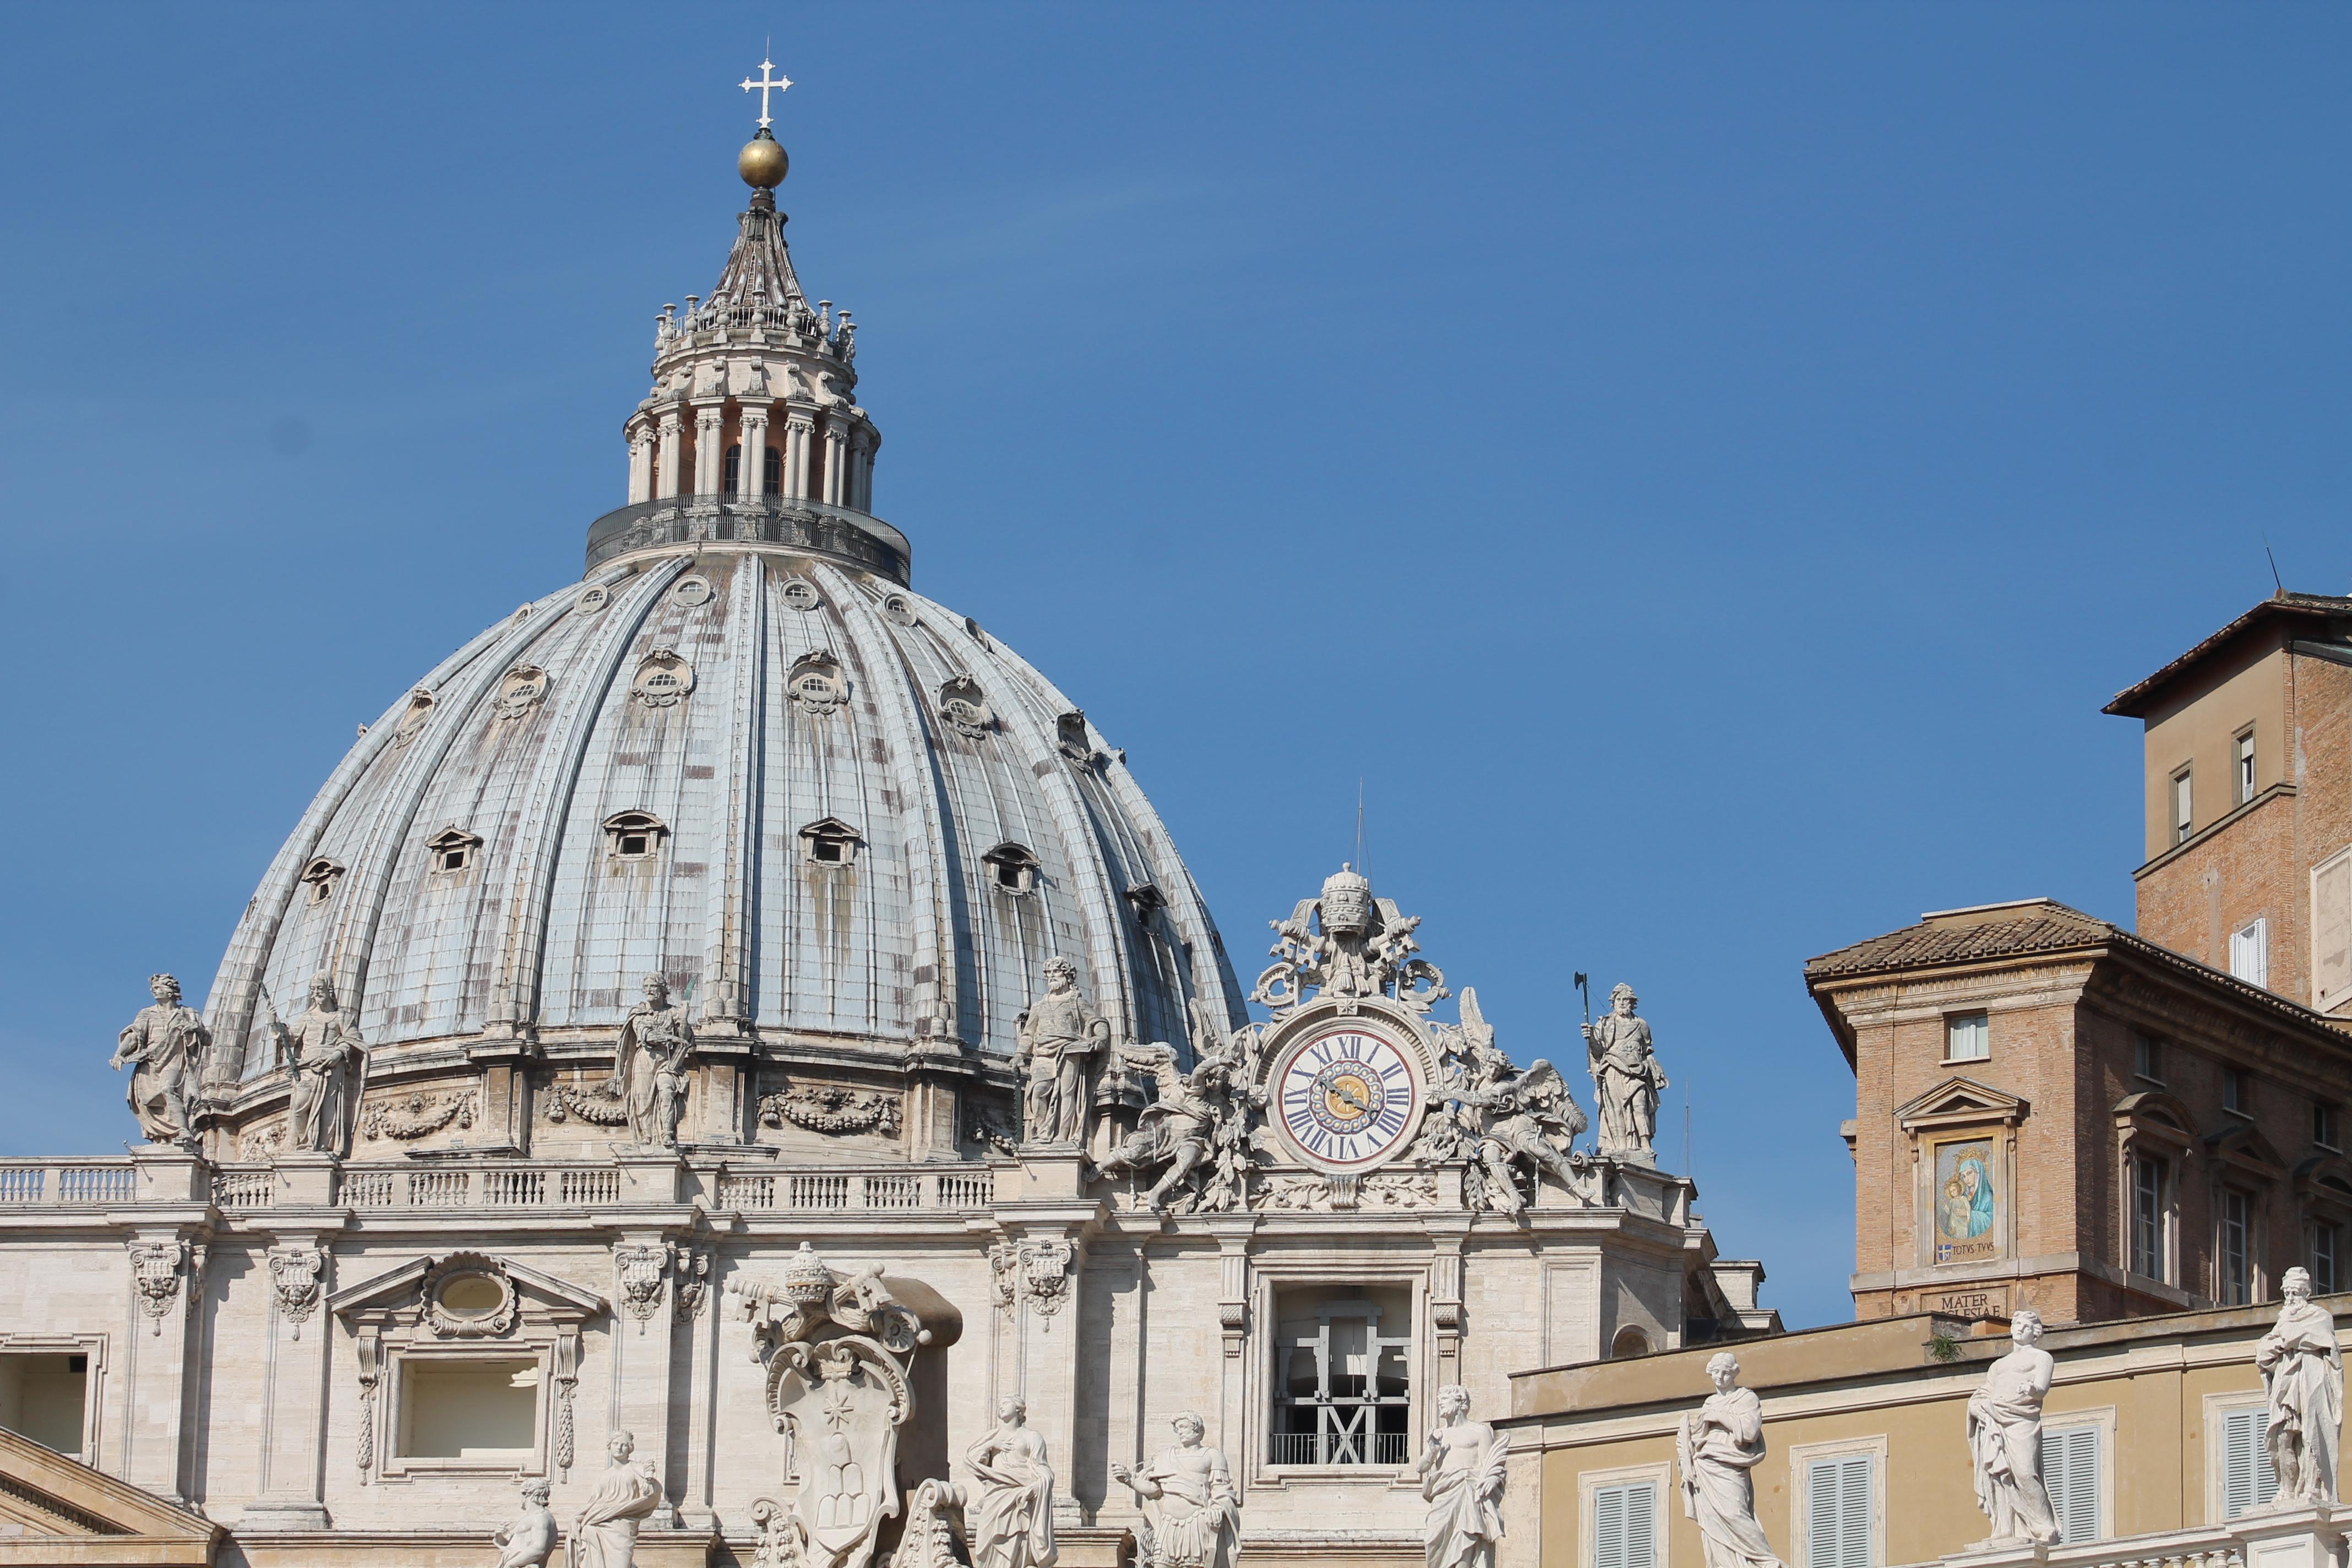 Паломництво святинями Італії на честь Йосафата Кунцевича